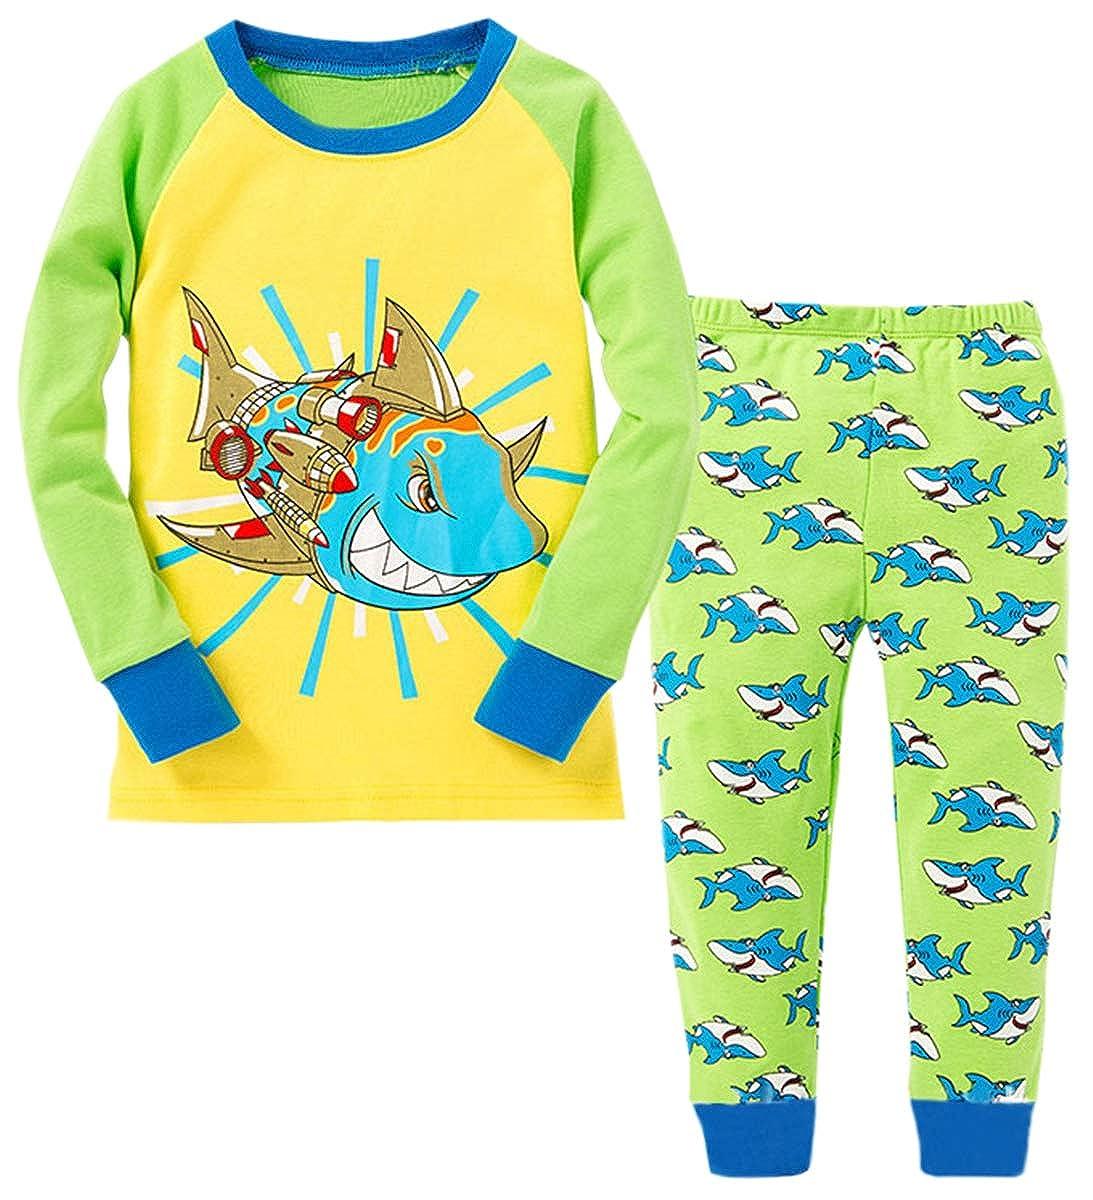 Betusline Boys 2-Piece Pajamas Set